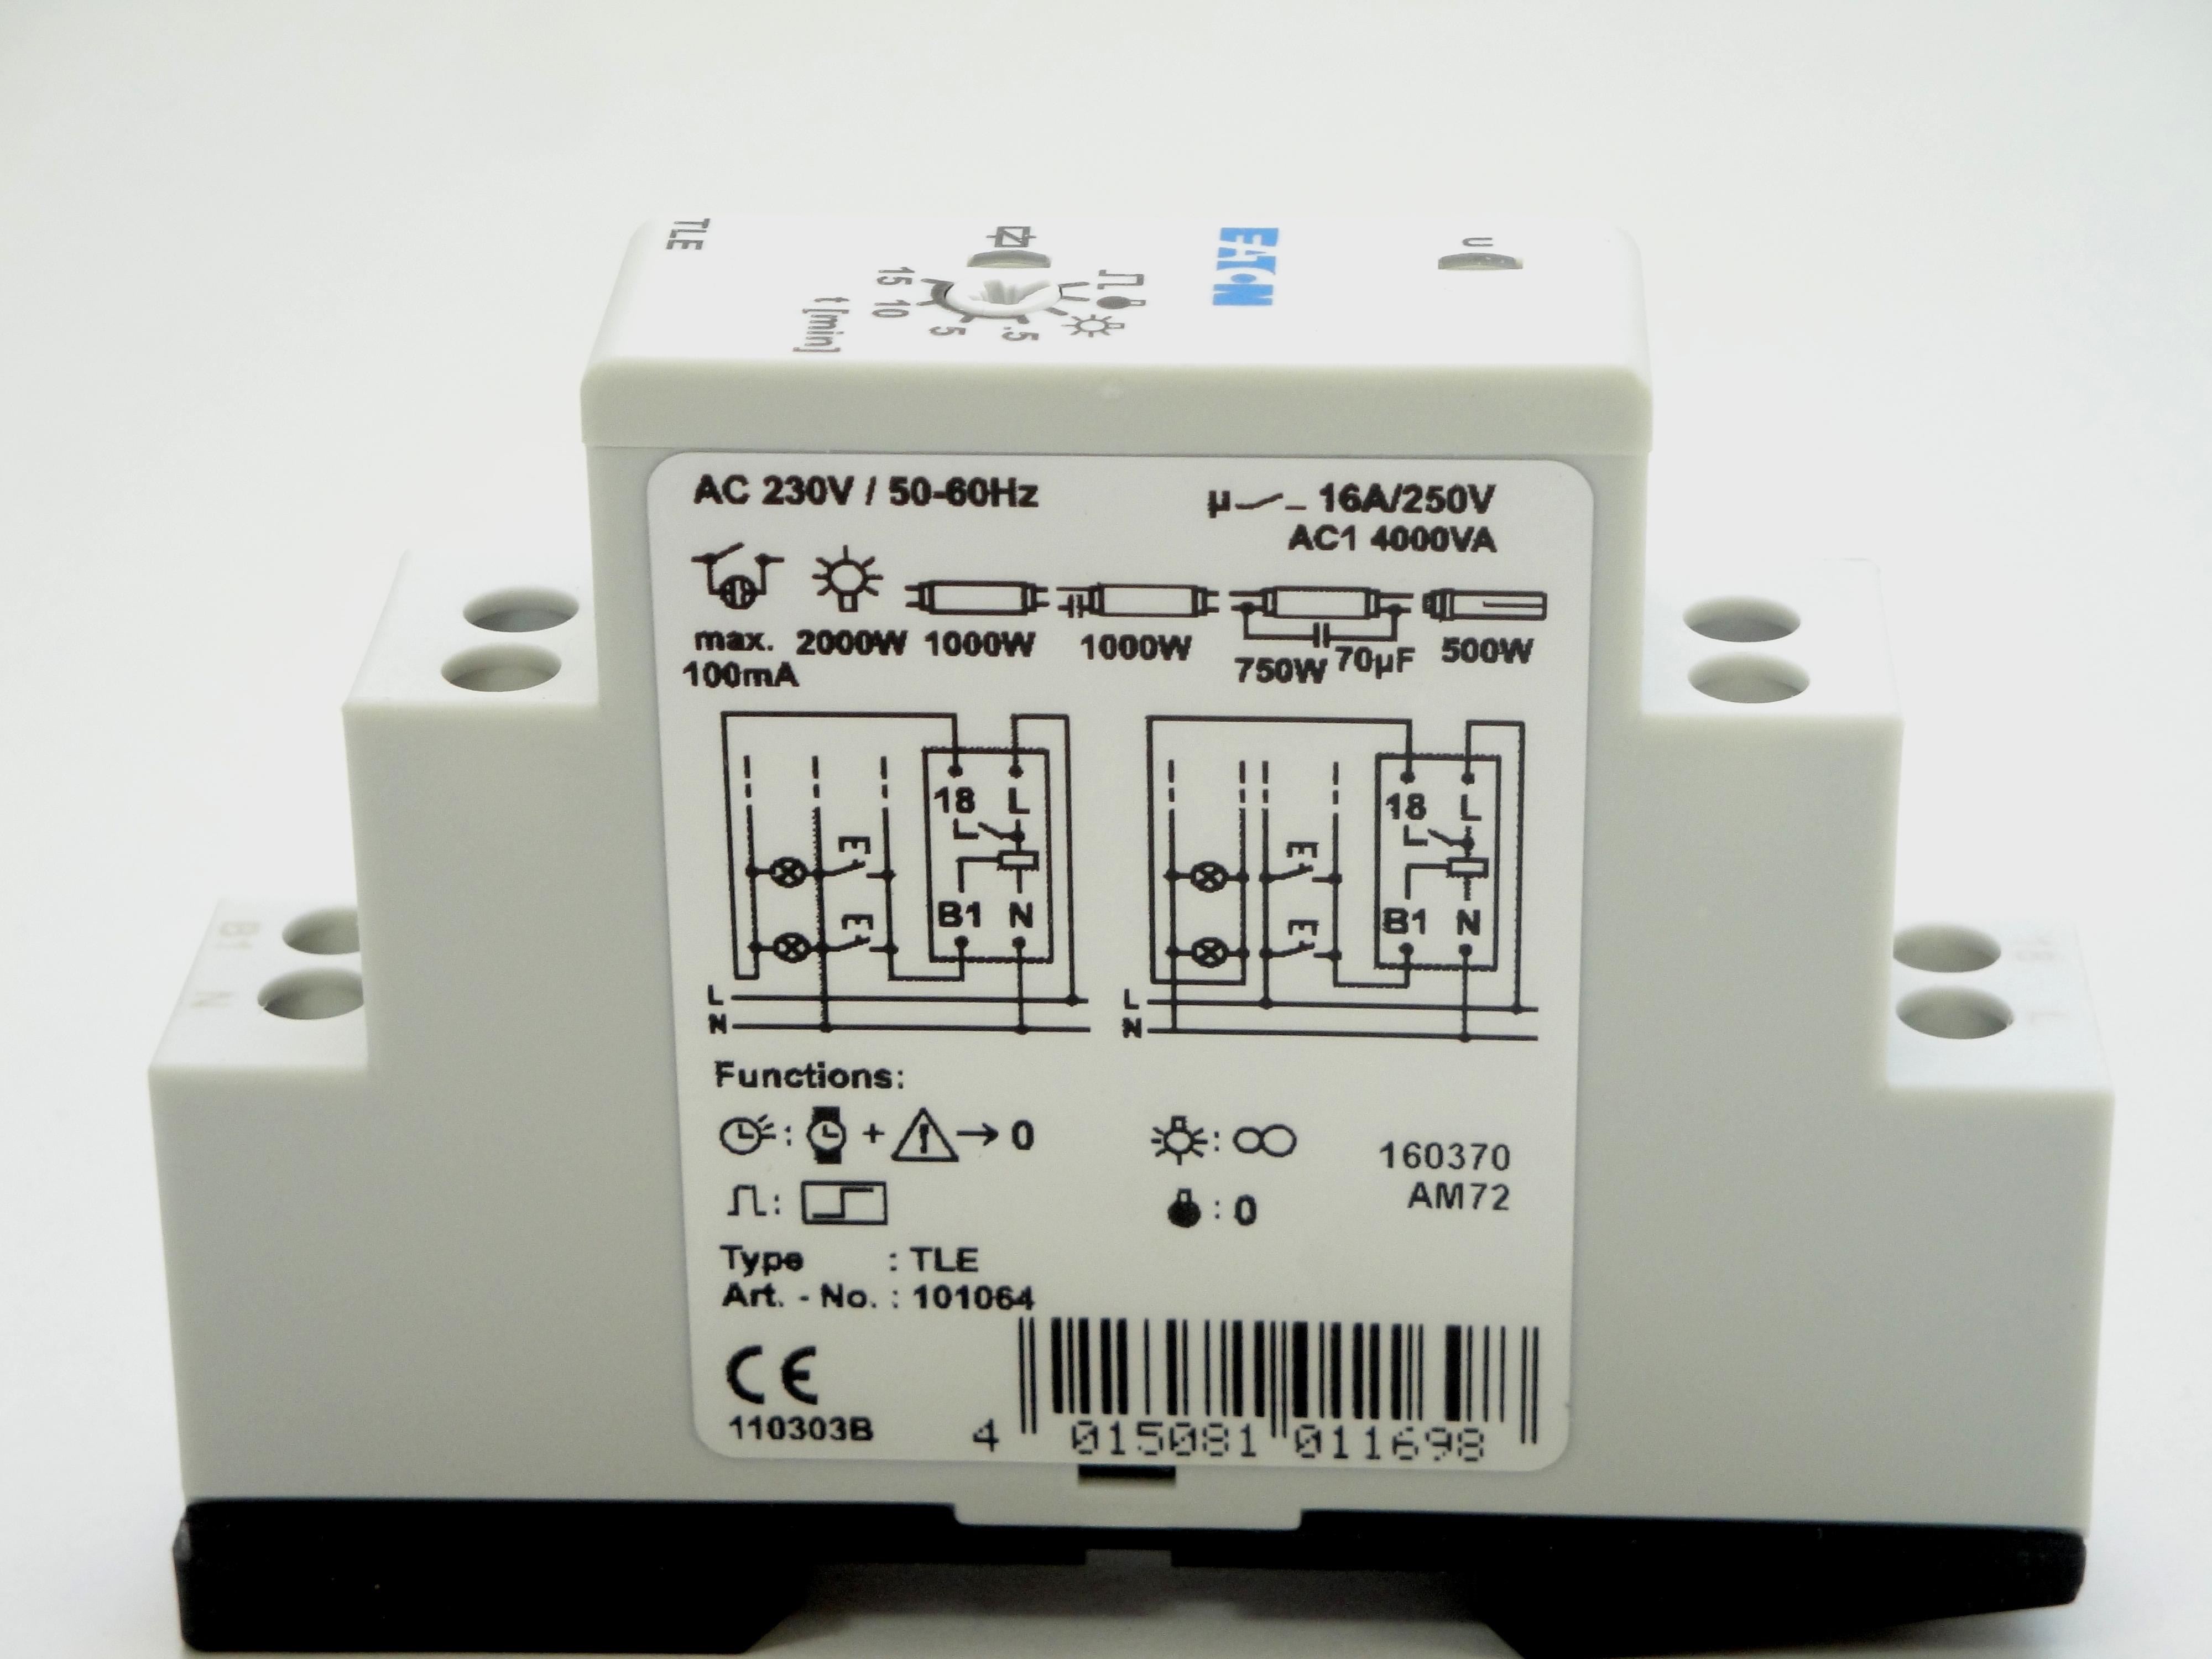 MOELLER-Automat de scara electronic, cod: 101064 TLE